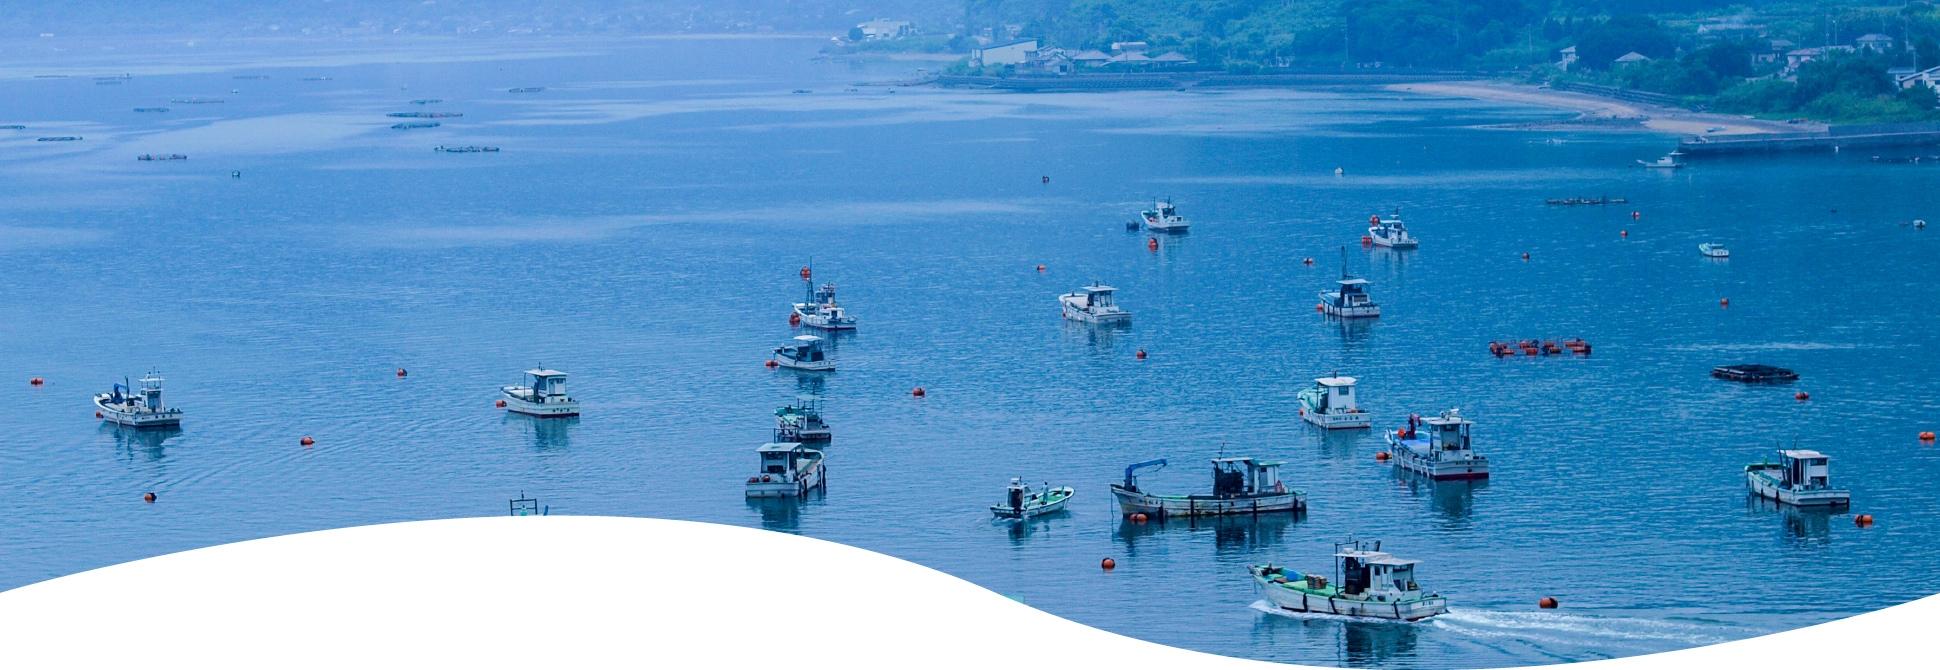 錦江湾に浮かぶ漁船